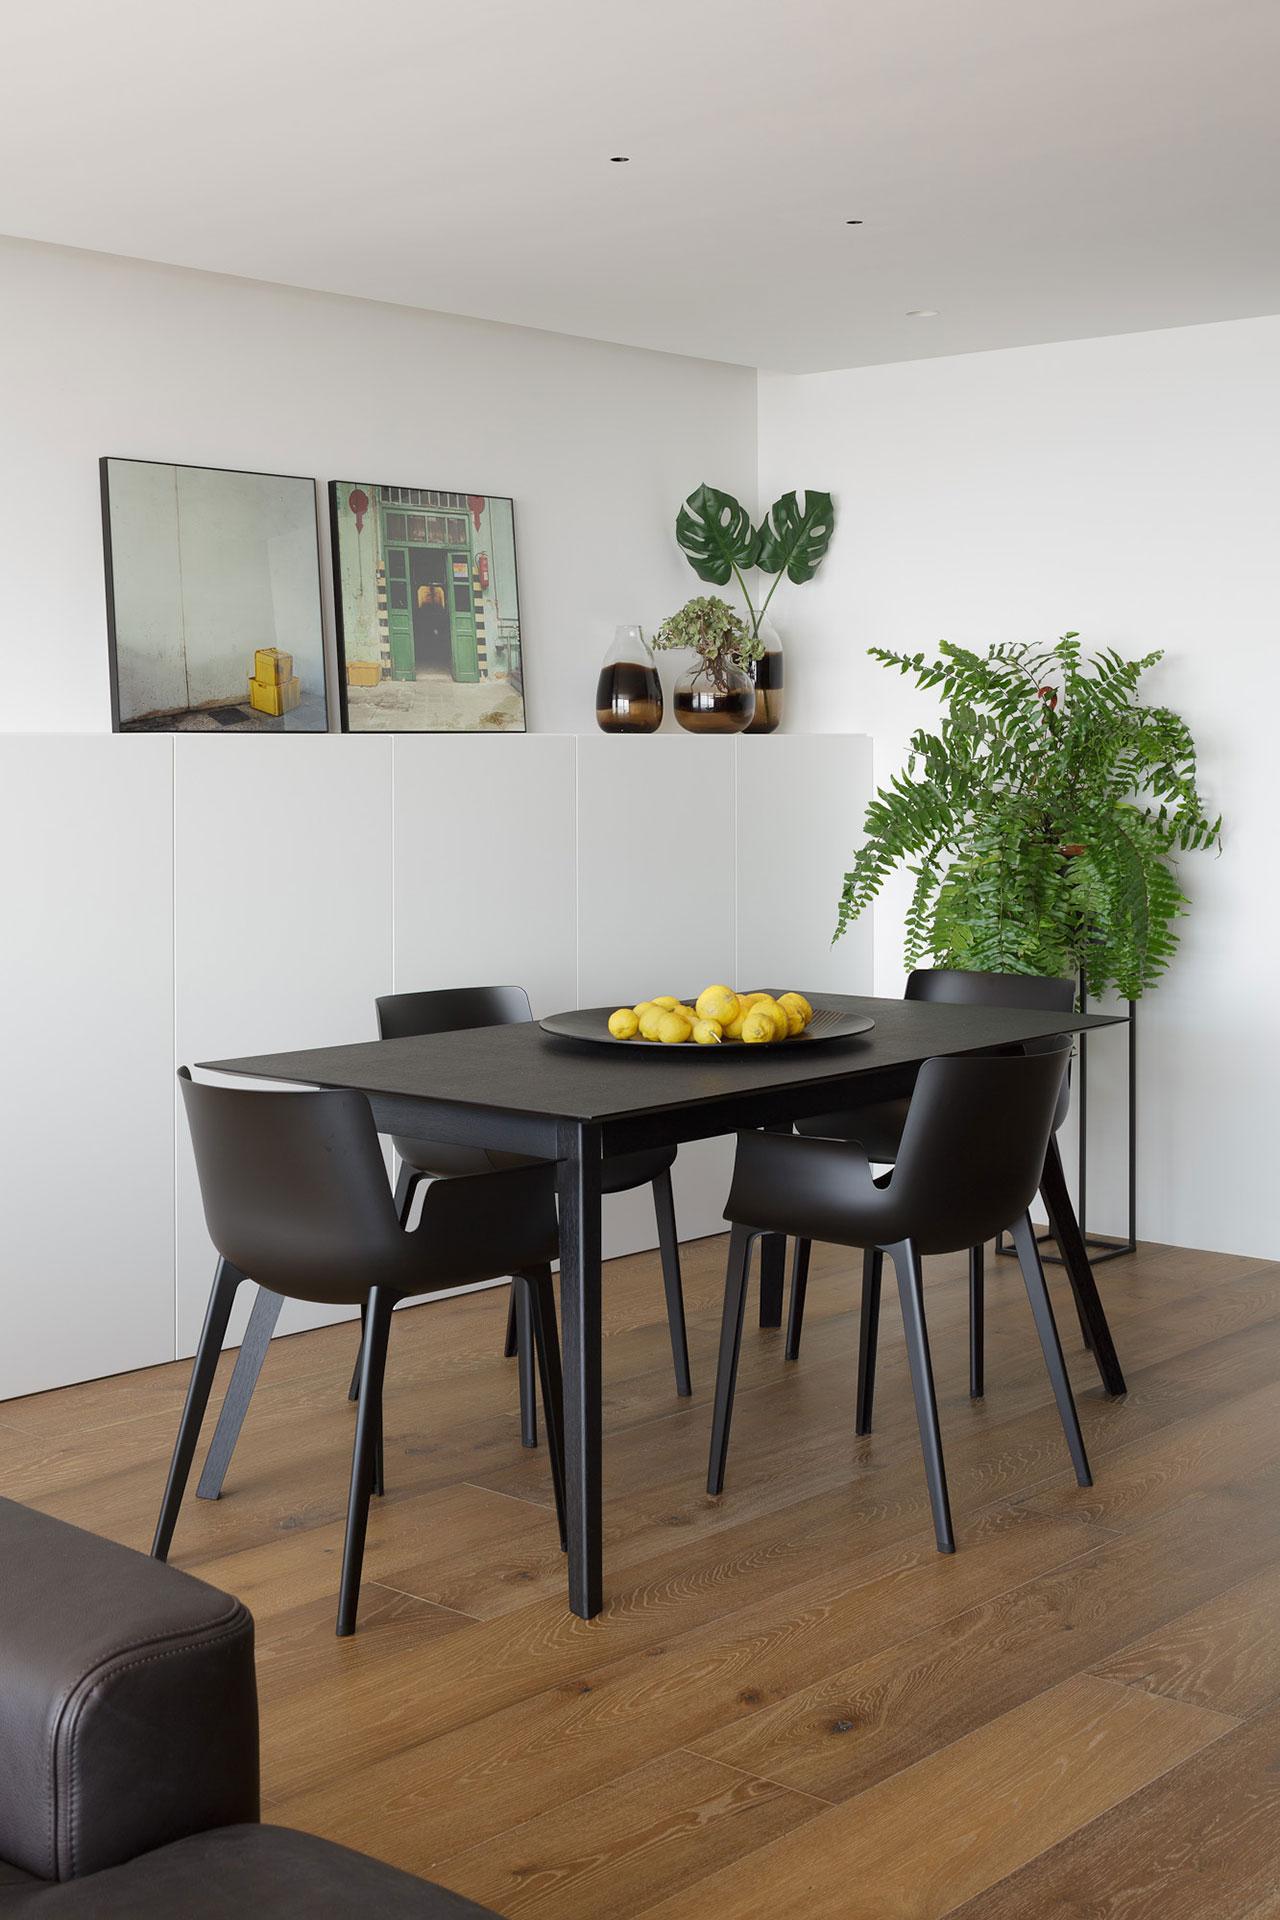 Reforma de vivienda en salón, comedor y cocina para conseguir iluminación natural